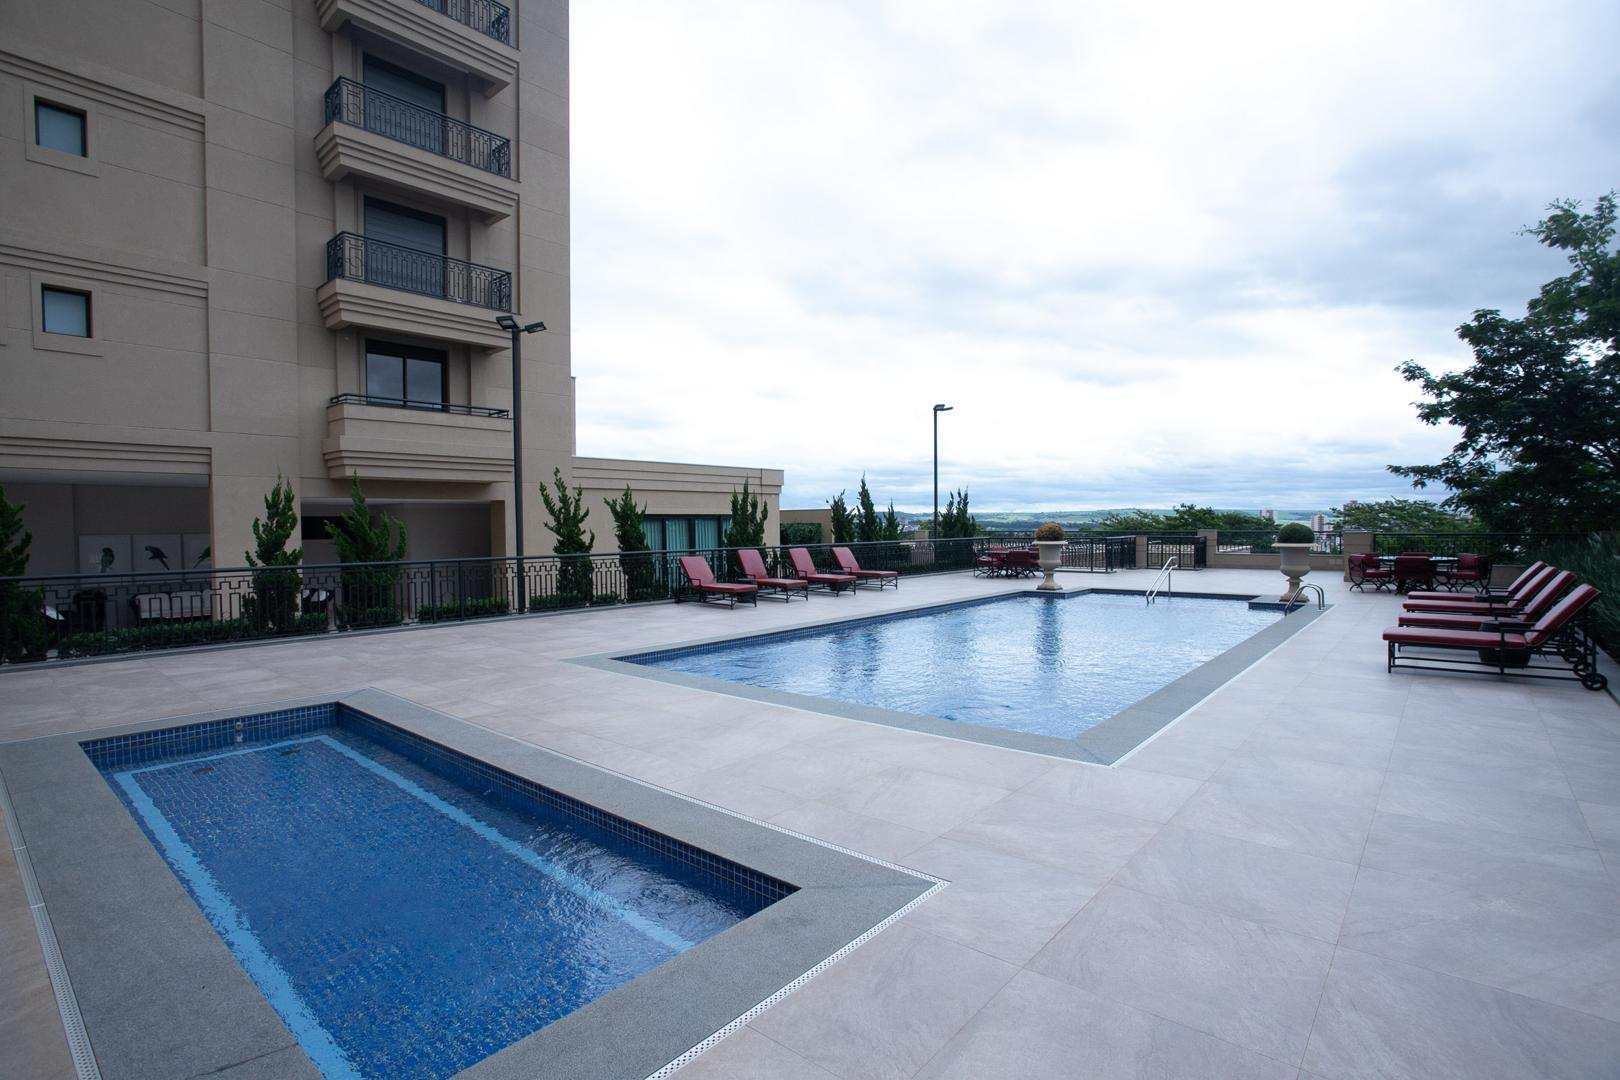 Apartamento com 5 dorms, Jardim Irajá, Ribeirão Preto - R$ 4.9 mi, Cod: 1722021